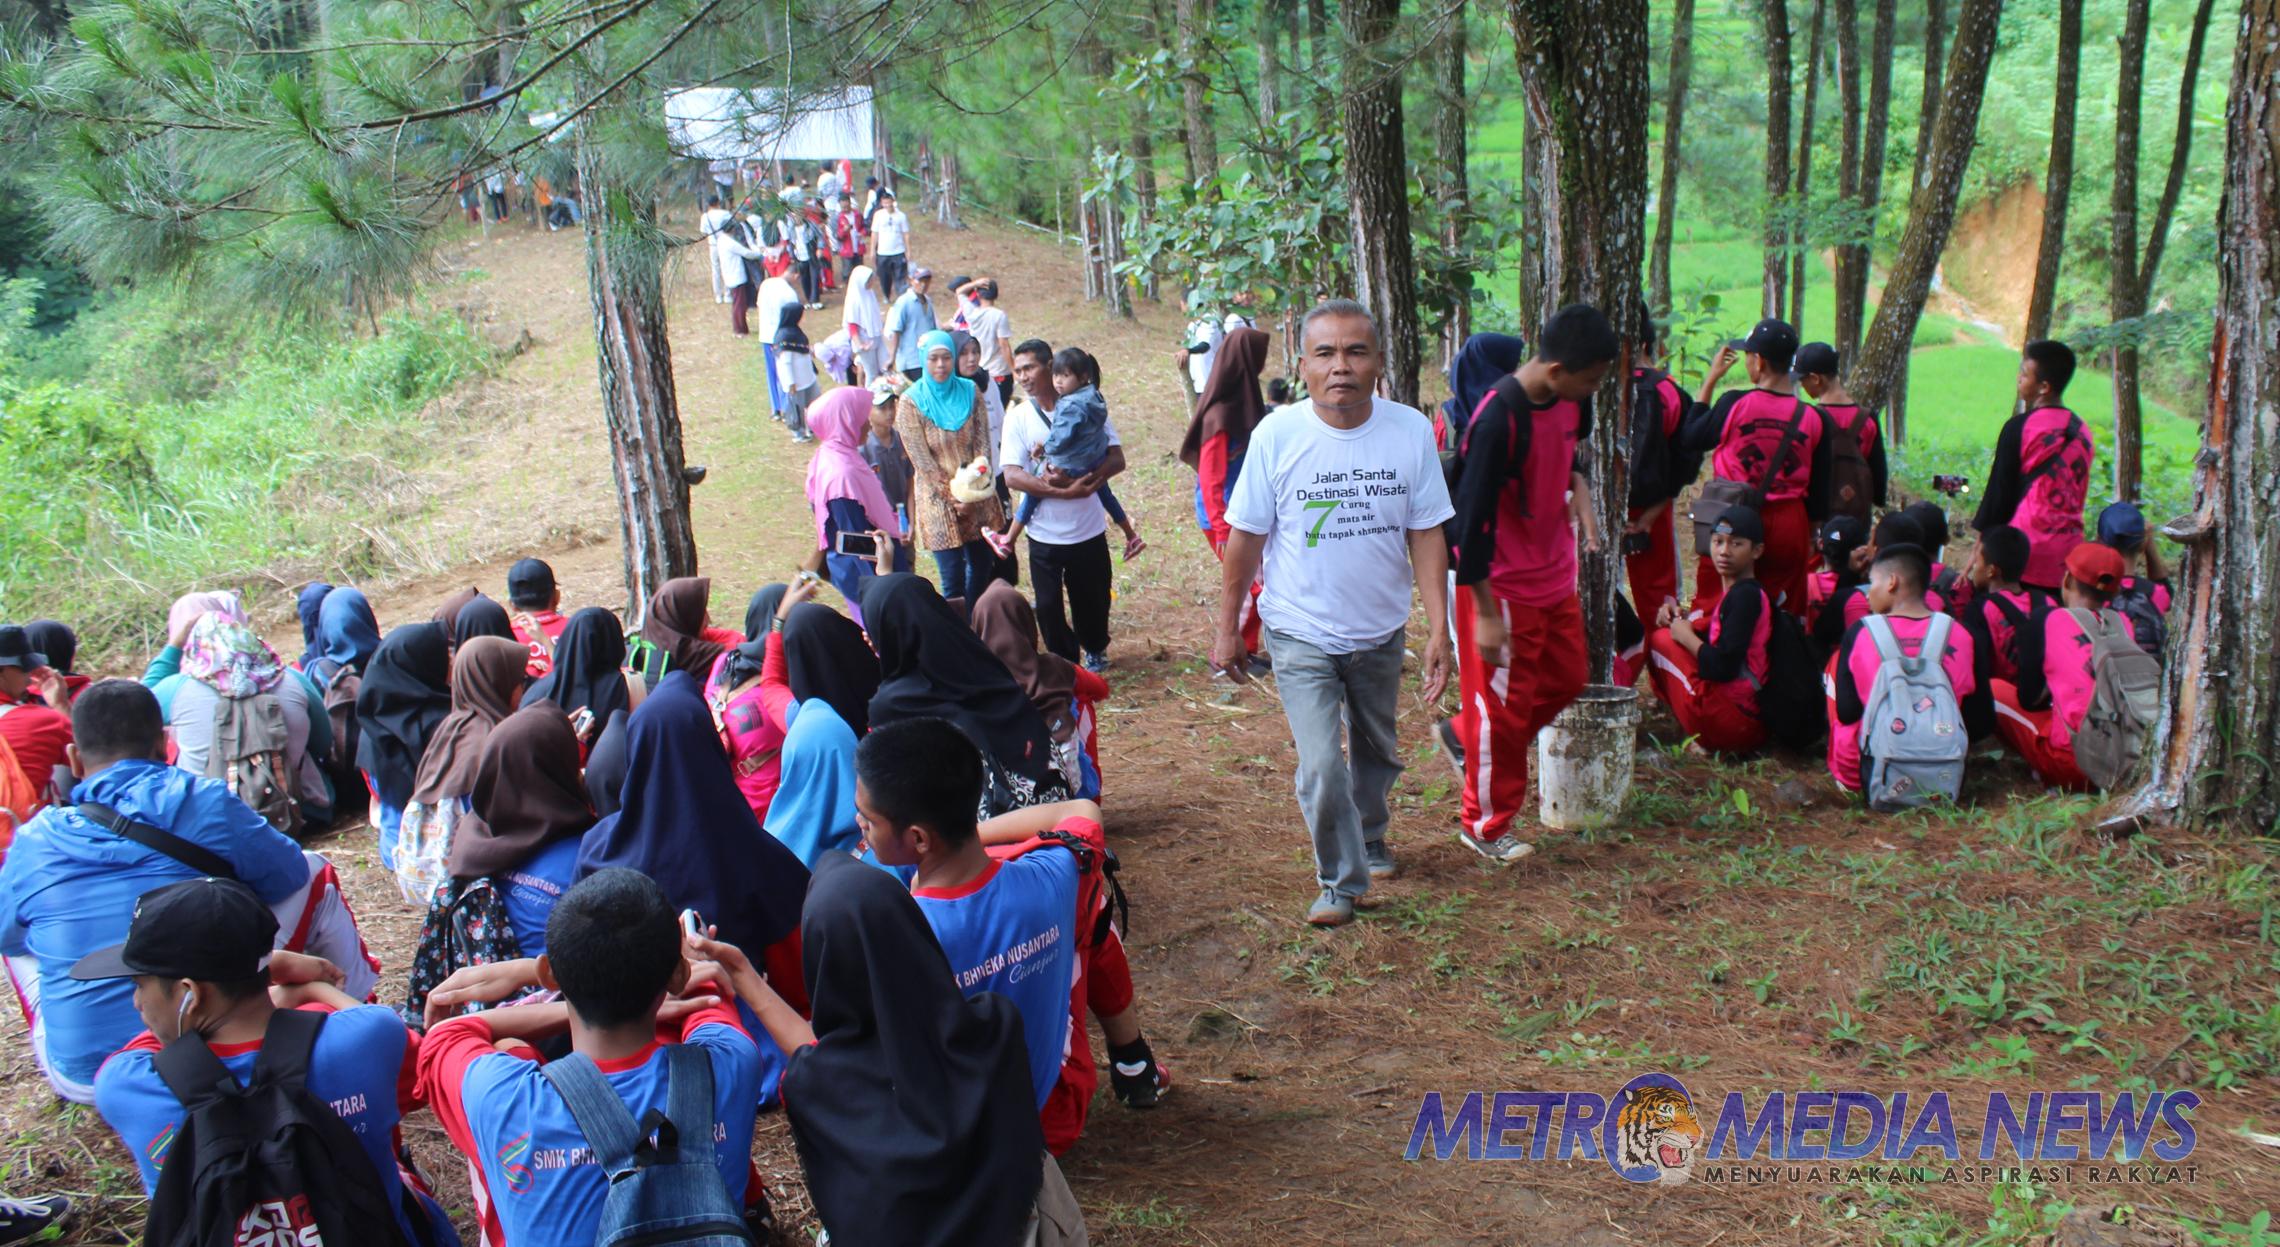 Seribu Peserta Ikut Jalan Santai Jelajahi Situs Gunung Mananggel Mekarjaya Mande Metromedianews Co